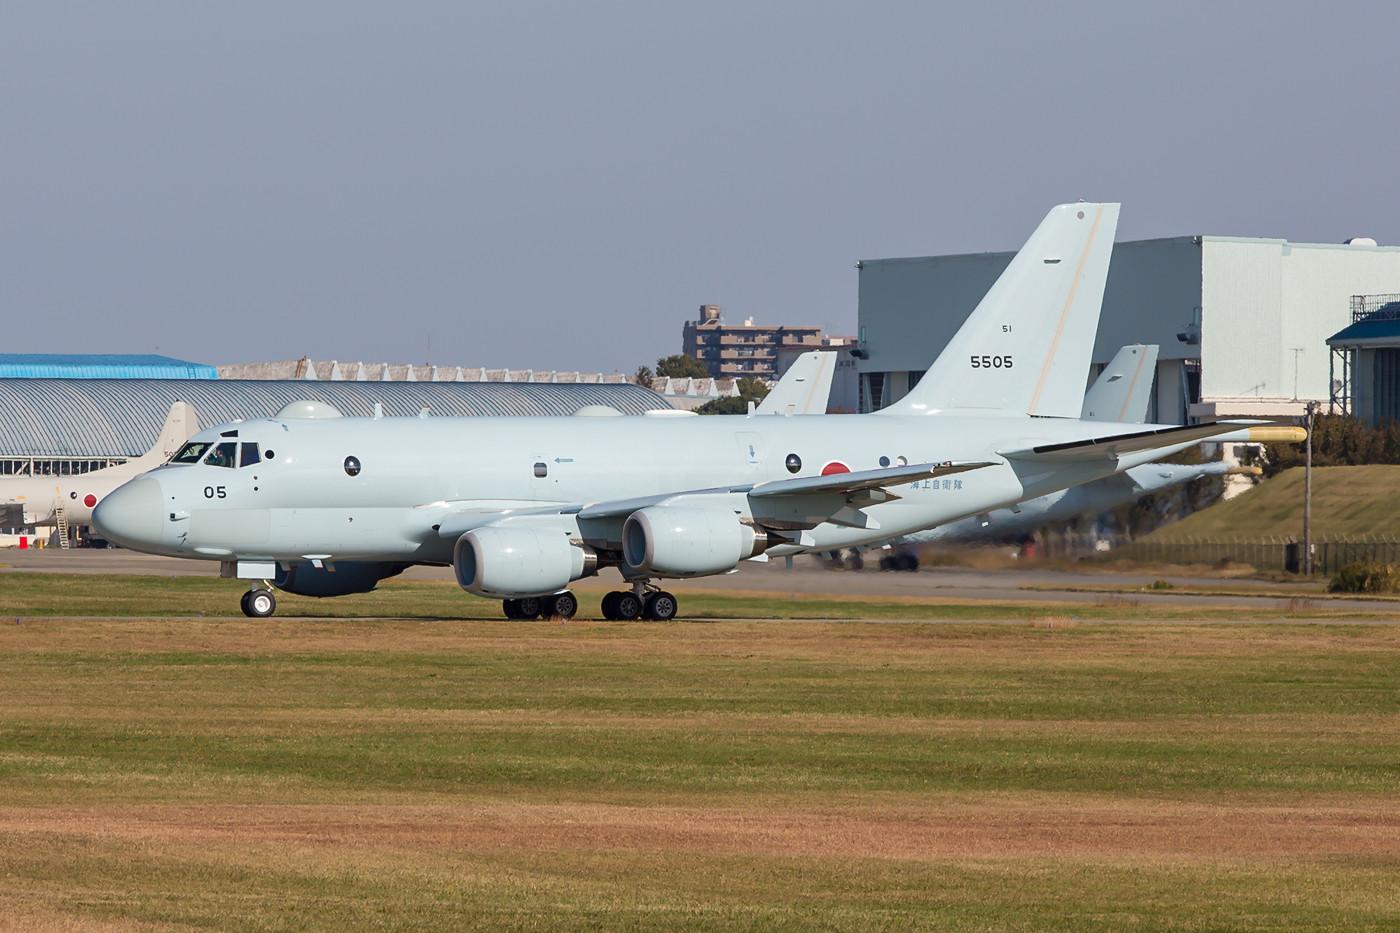 Die P-1 erinnert in ihrer Silhouette an die alten Convairs.